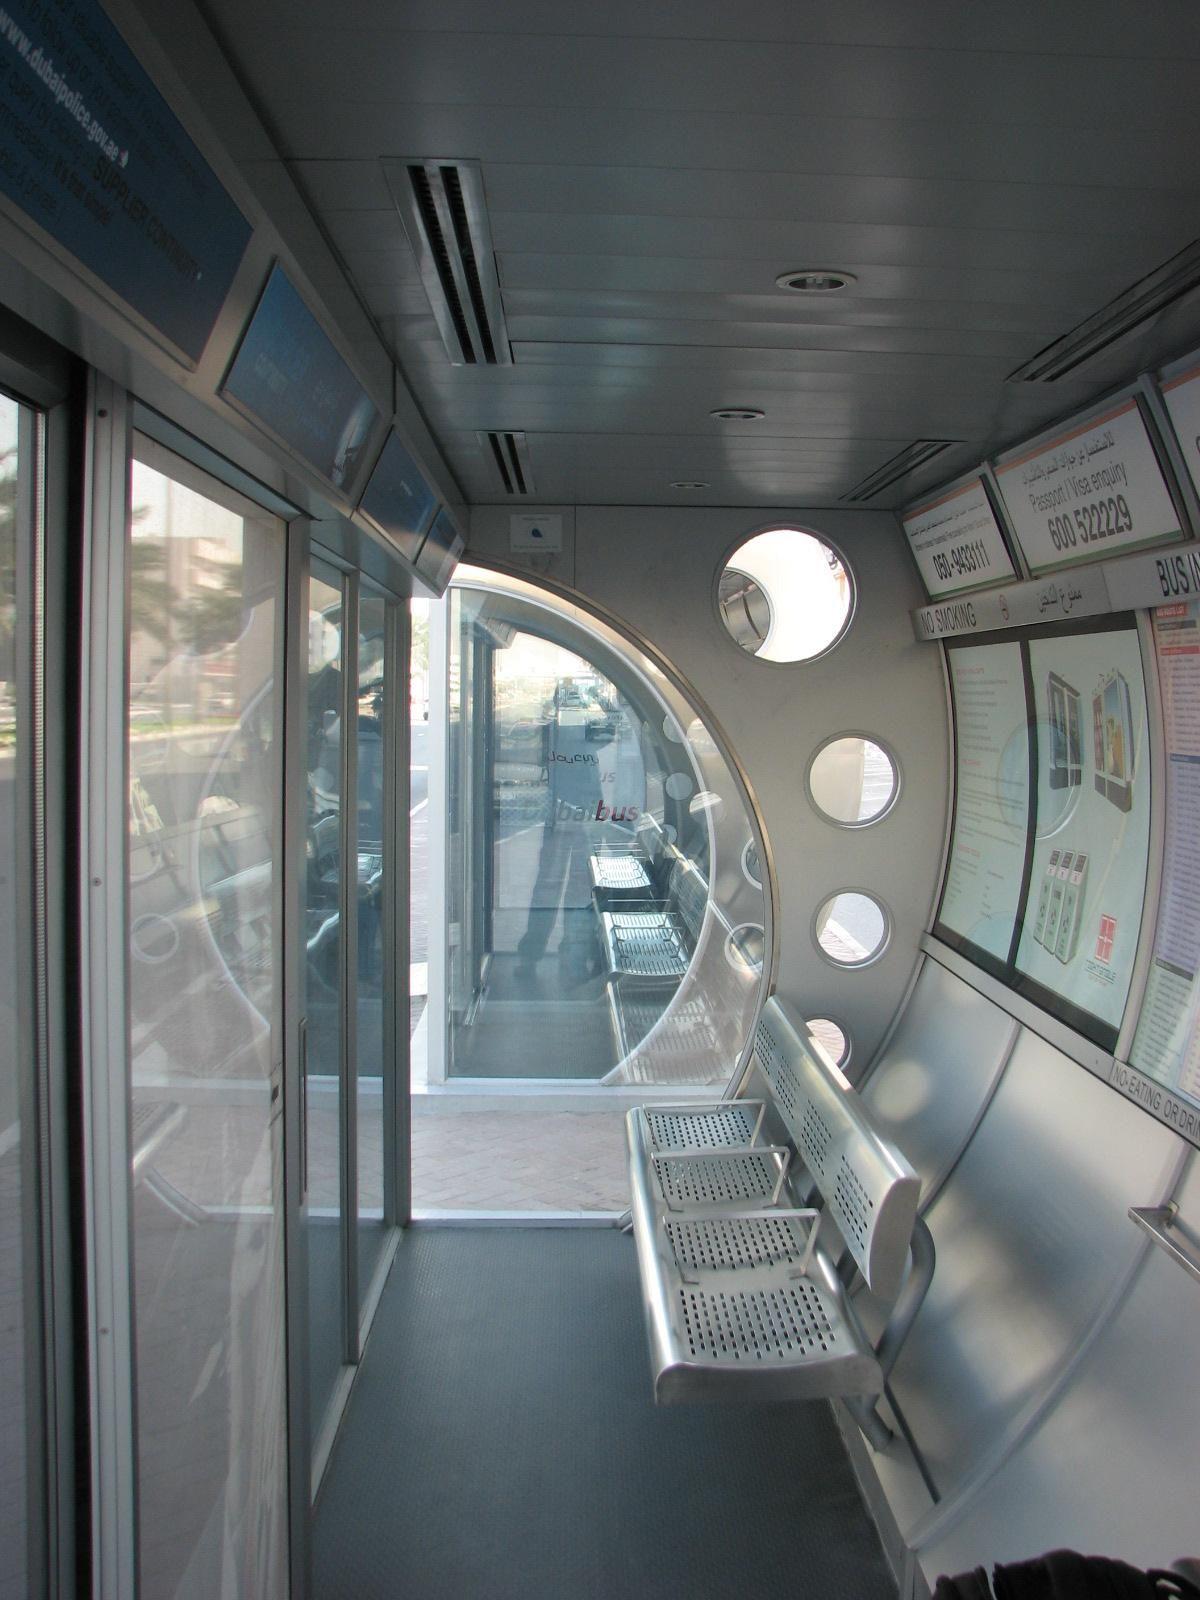 您从未见过的世界独特巴士站!看了之后真的不敢相信这些都是巴士站啊!